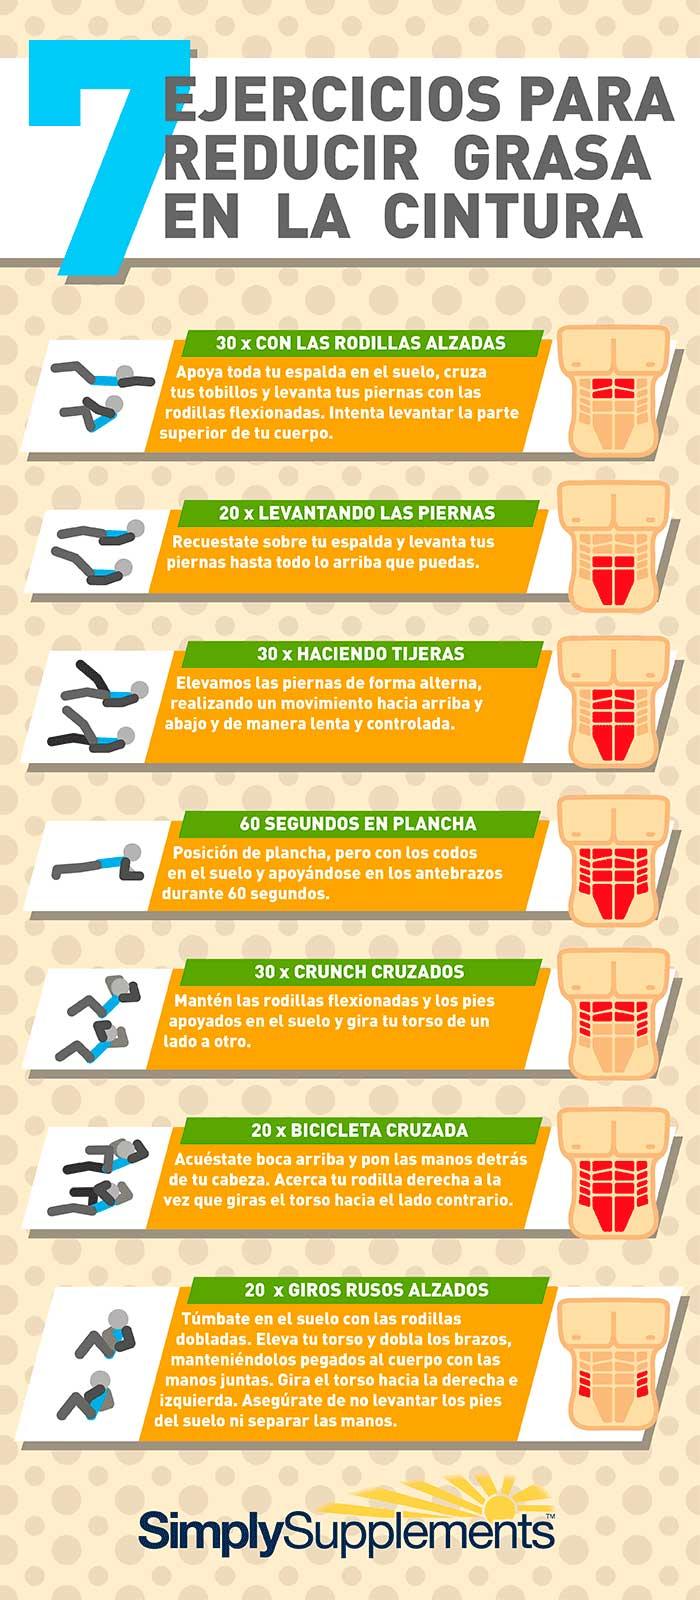 7 Ejercicios Abdominales Para Reducir La Grasa De La Cintura Infografías Y Remedios Abs Workout Fun Sports Aerobic Exercise